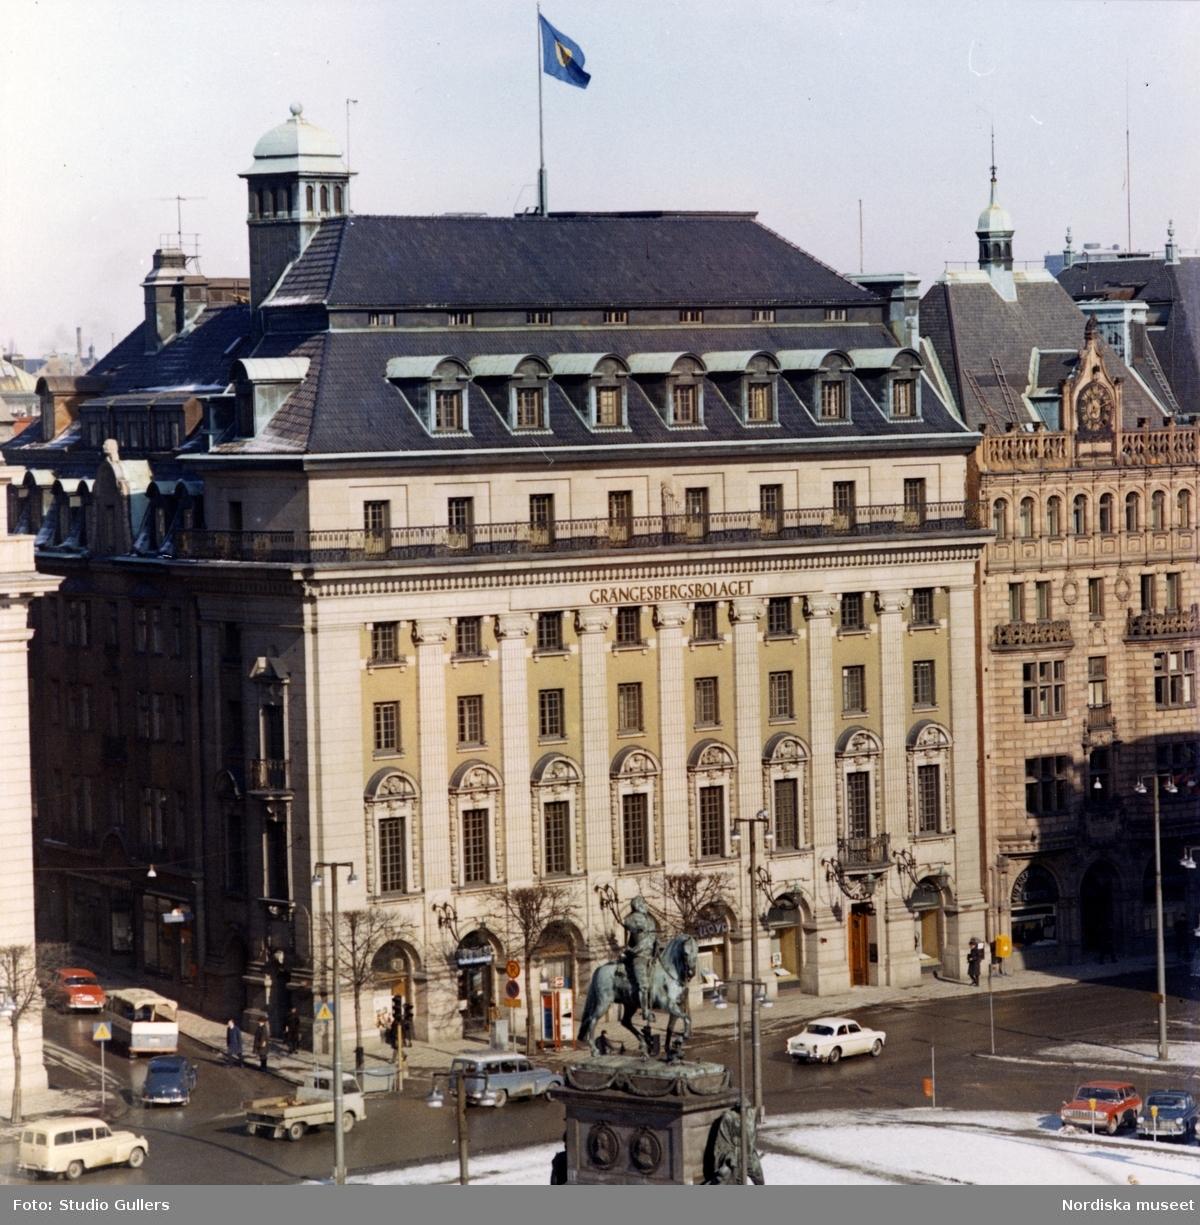 Stockholm. Exteriör av Gustav Adolfs torg 18 då Grängesbergsbolaget ägde fastigheten.